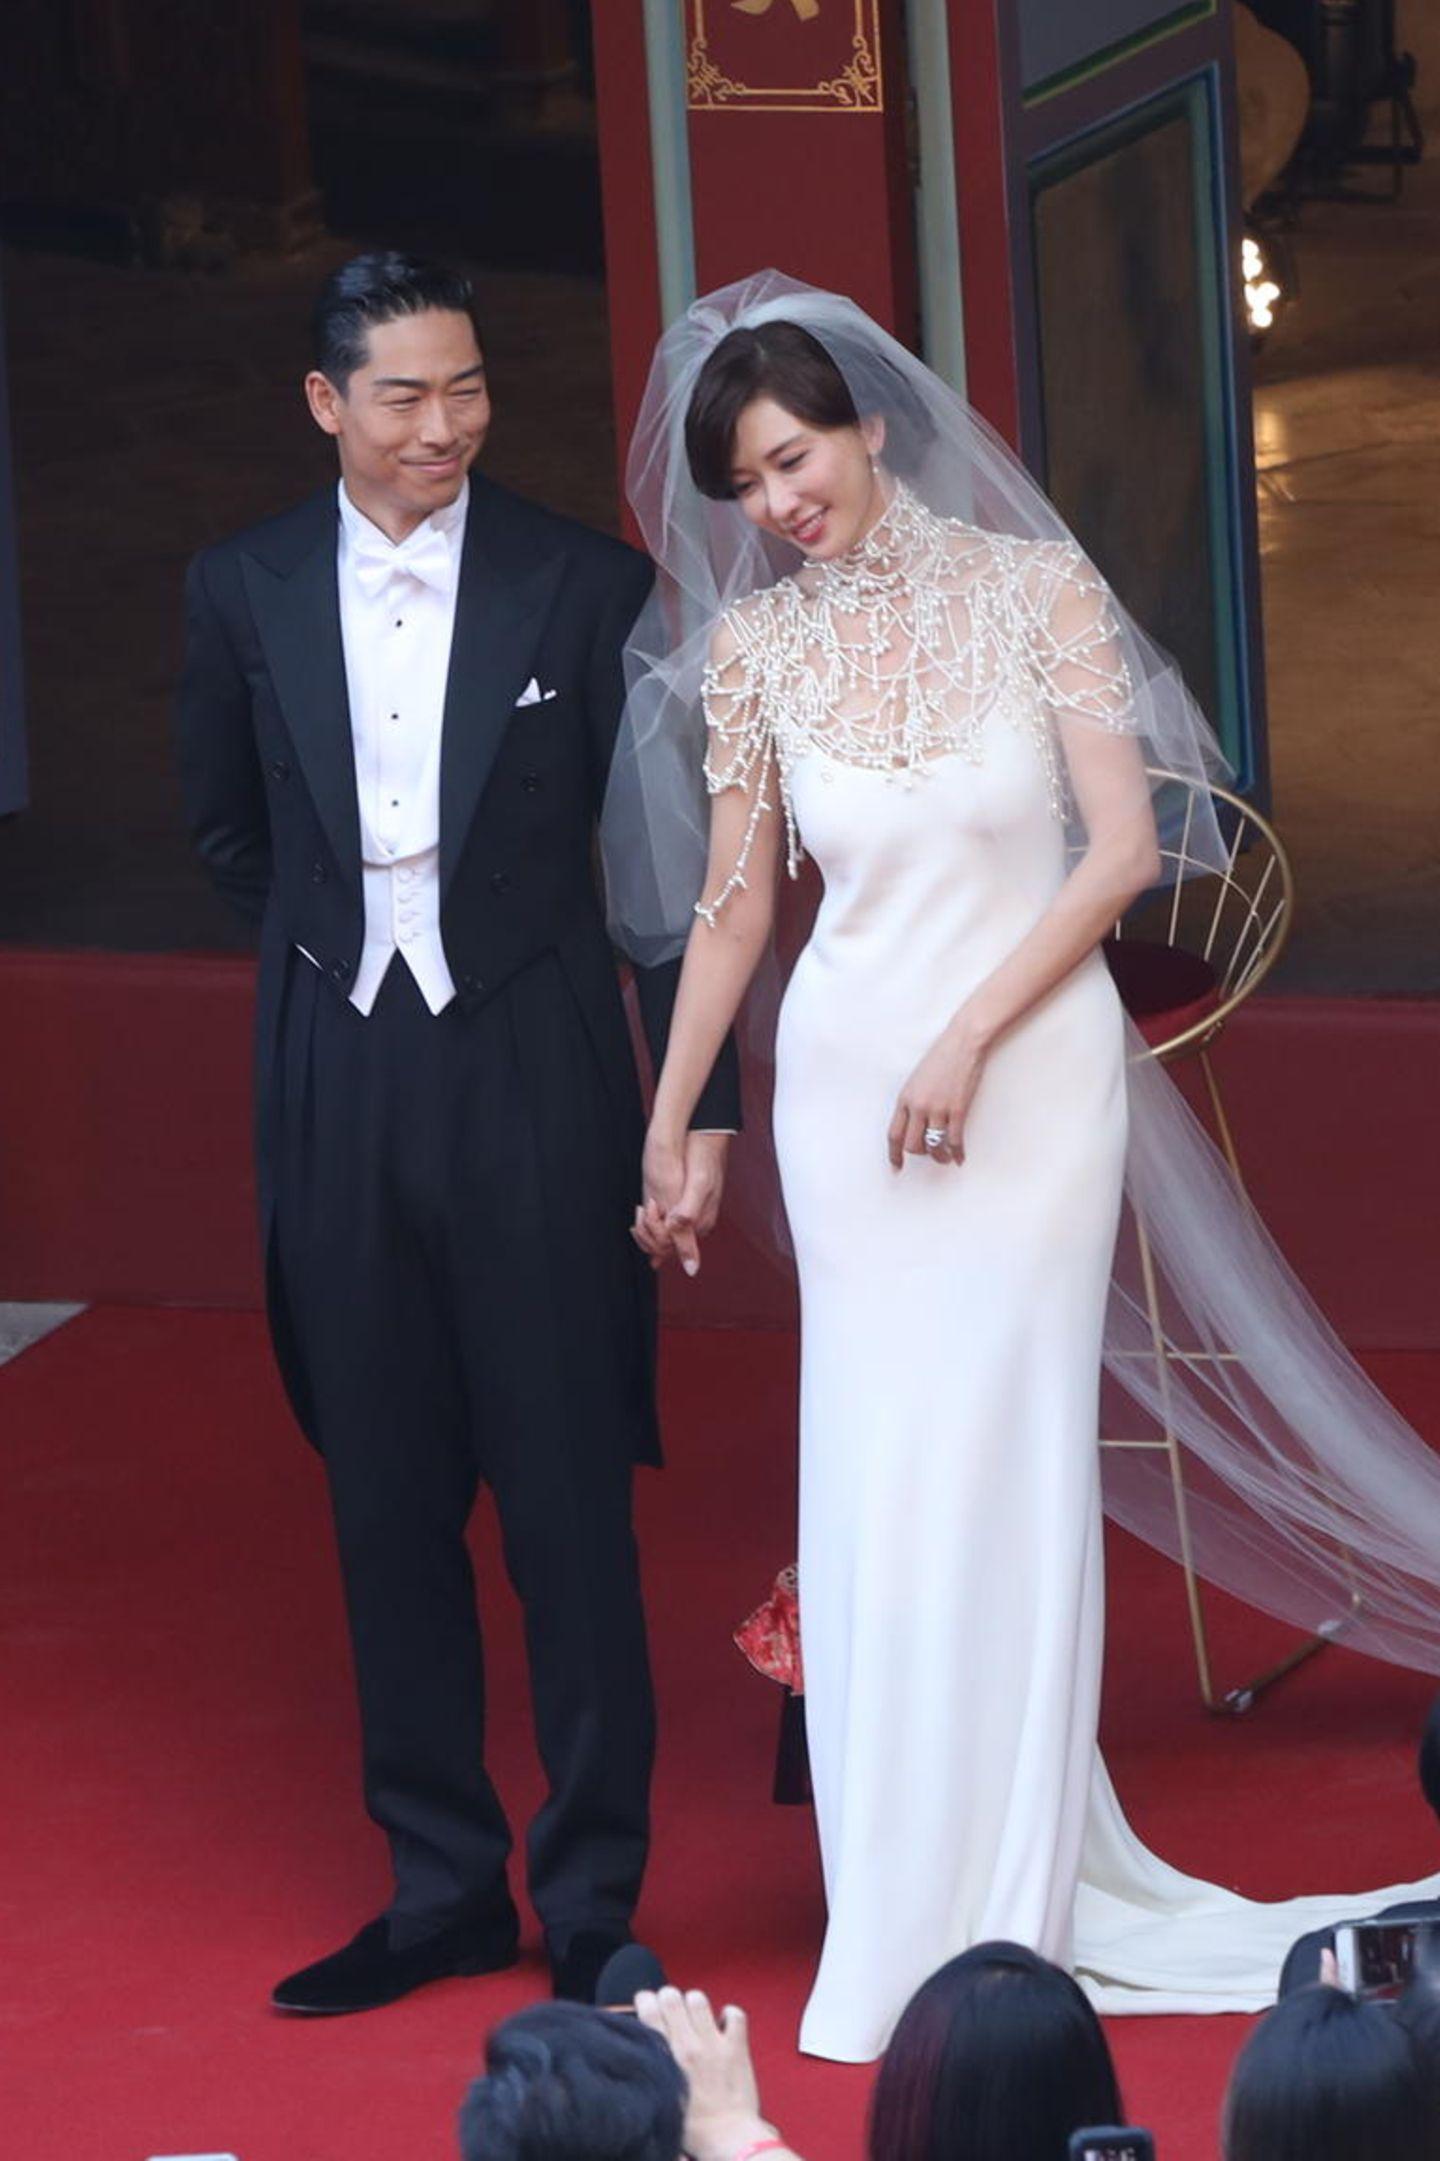 Was für eine Traumhochzeit: Das taiwanesische Model Lin Chi-ling hat in einer Mega-Zeremonie den japanischen Boygroup-Star Akira geheiratet. Zur Trauung trugen beide Kreationen aus dem Hause Ralph Lauren. Ihr schlichtes, fließendes Kleid harmoniert perfekt mit dem perlenverzierten Cape.